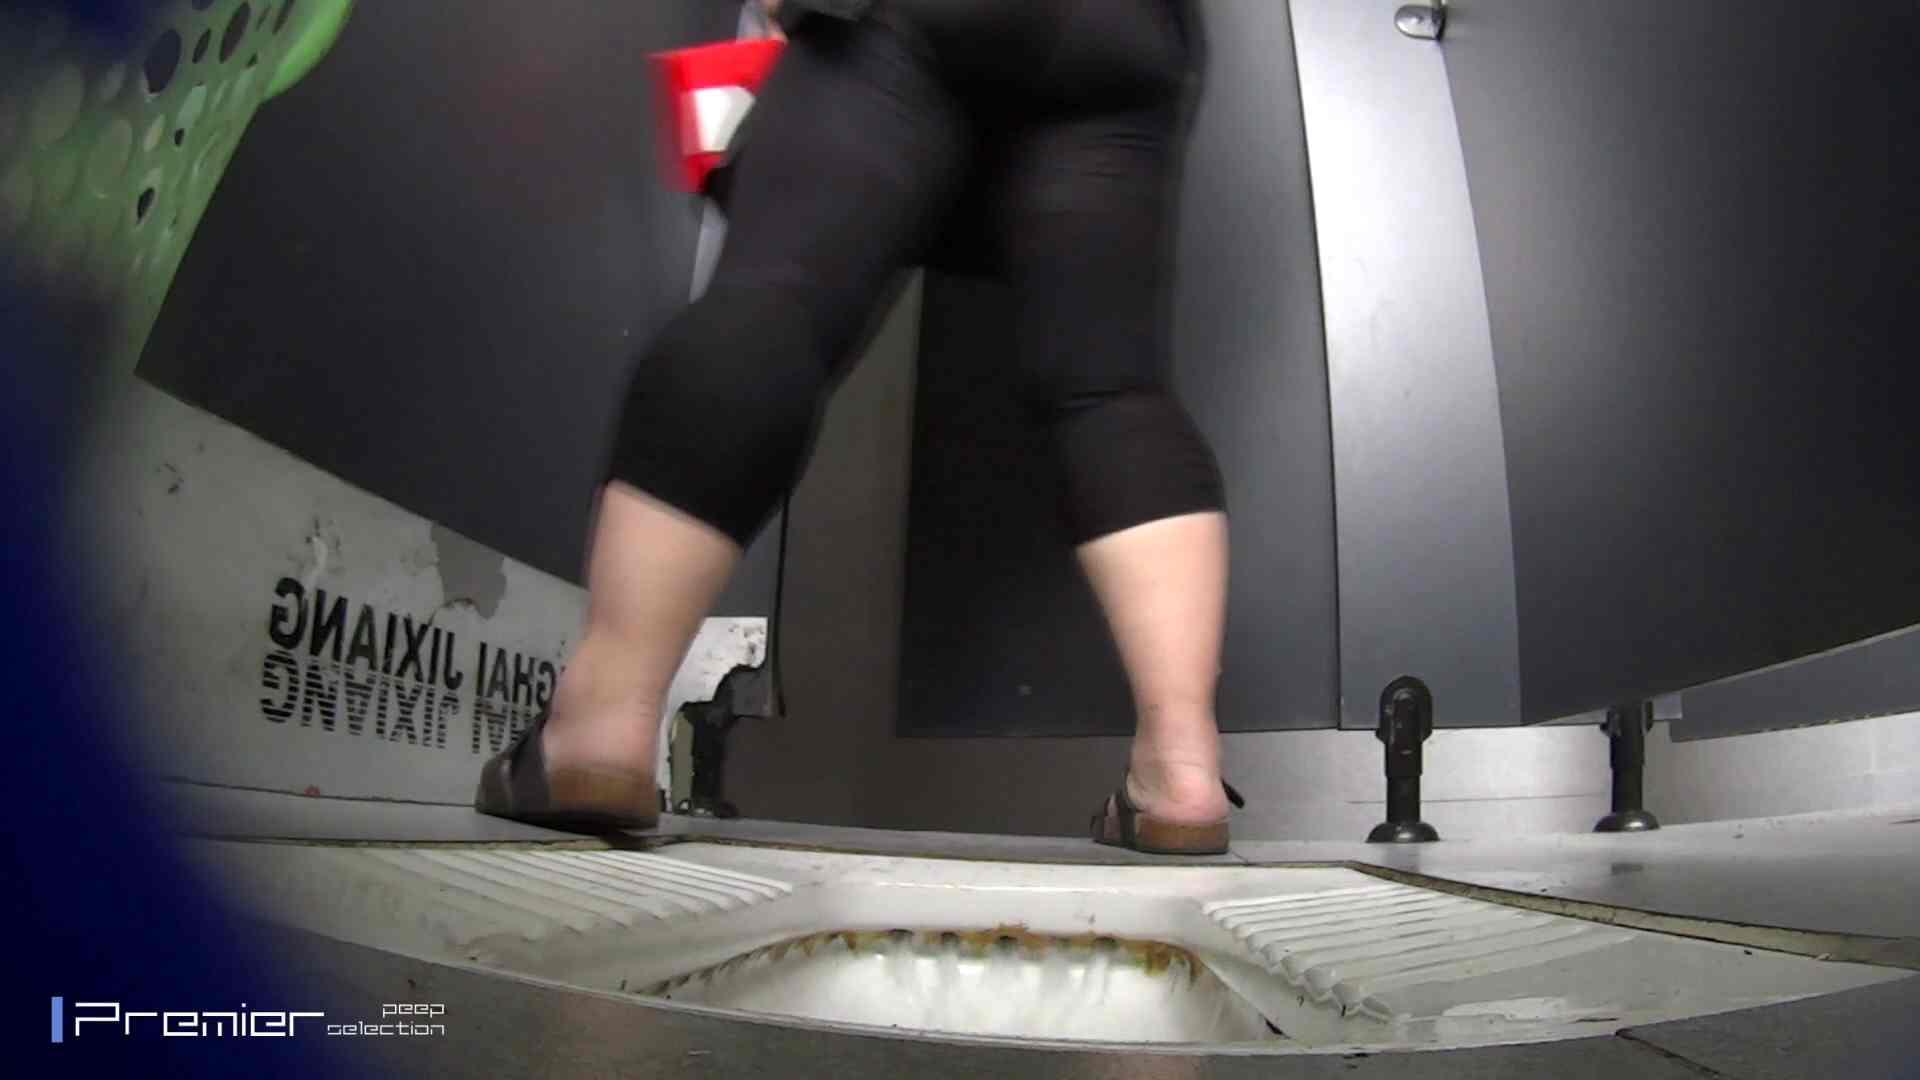 ポチャが多めの洗面所 大学休憩時間の洗面所事情45 美女 のぞきエロ無料画像 105pic 52